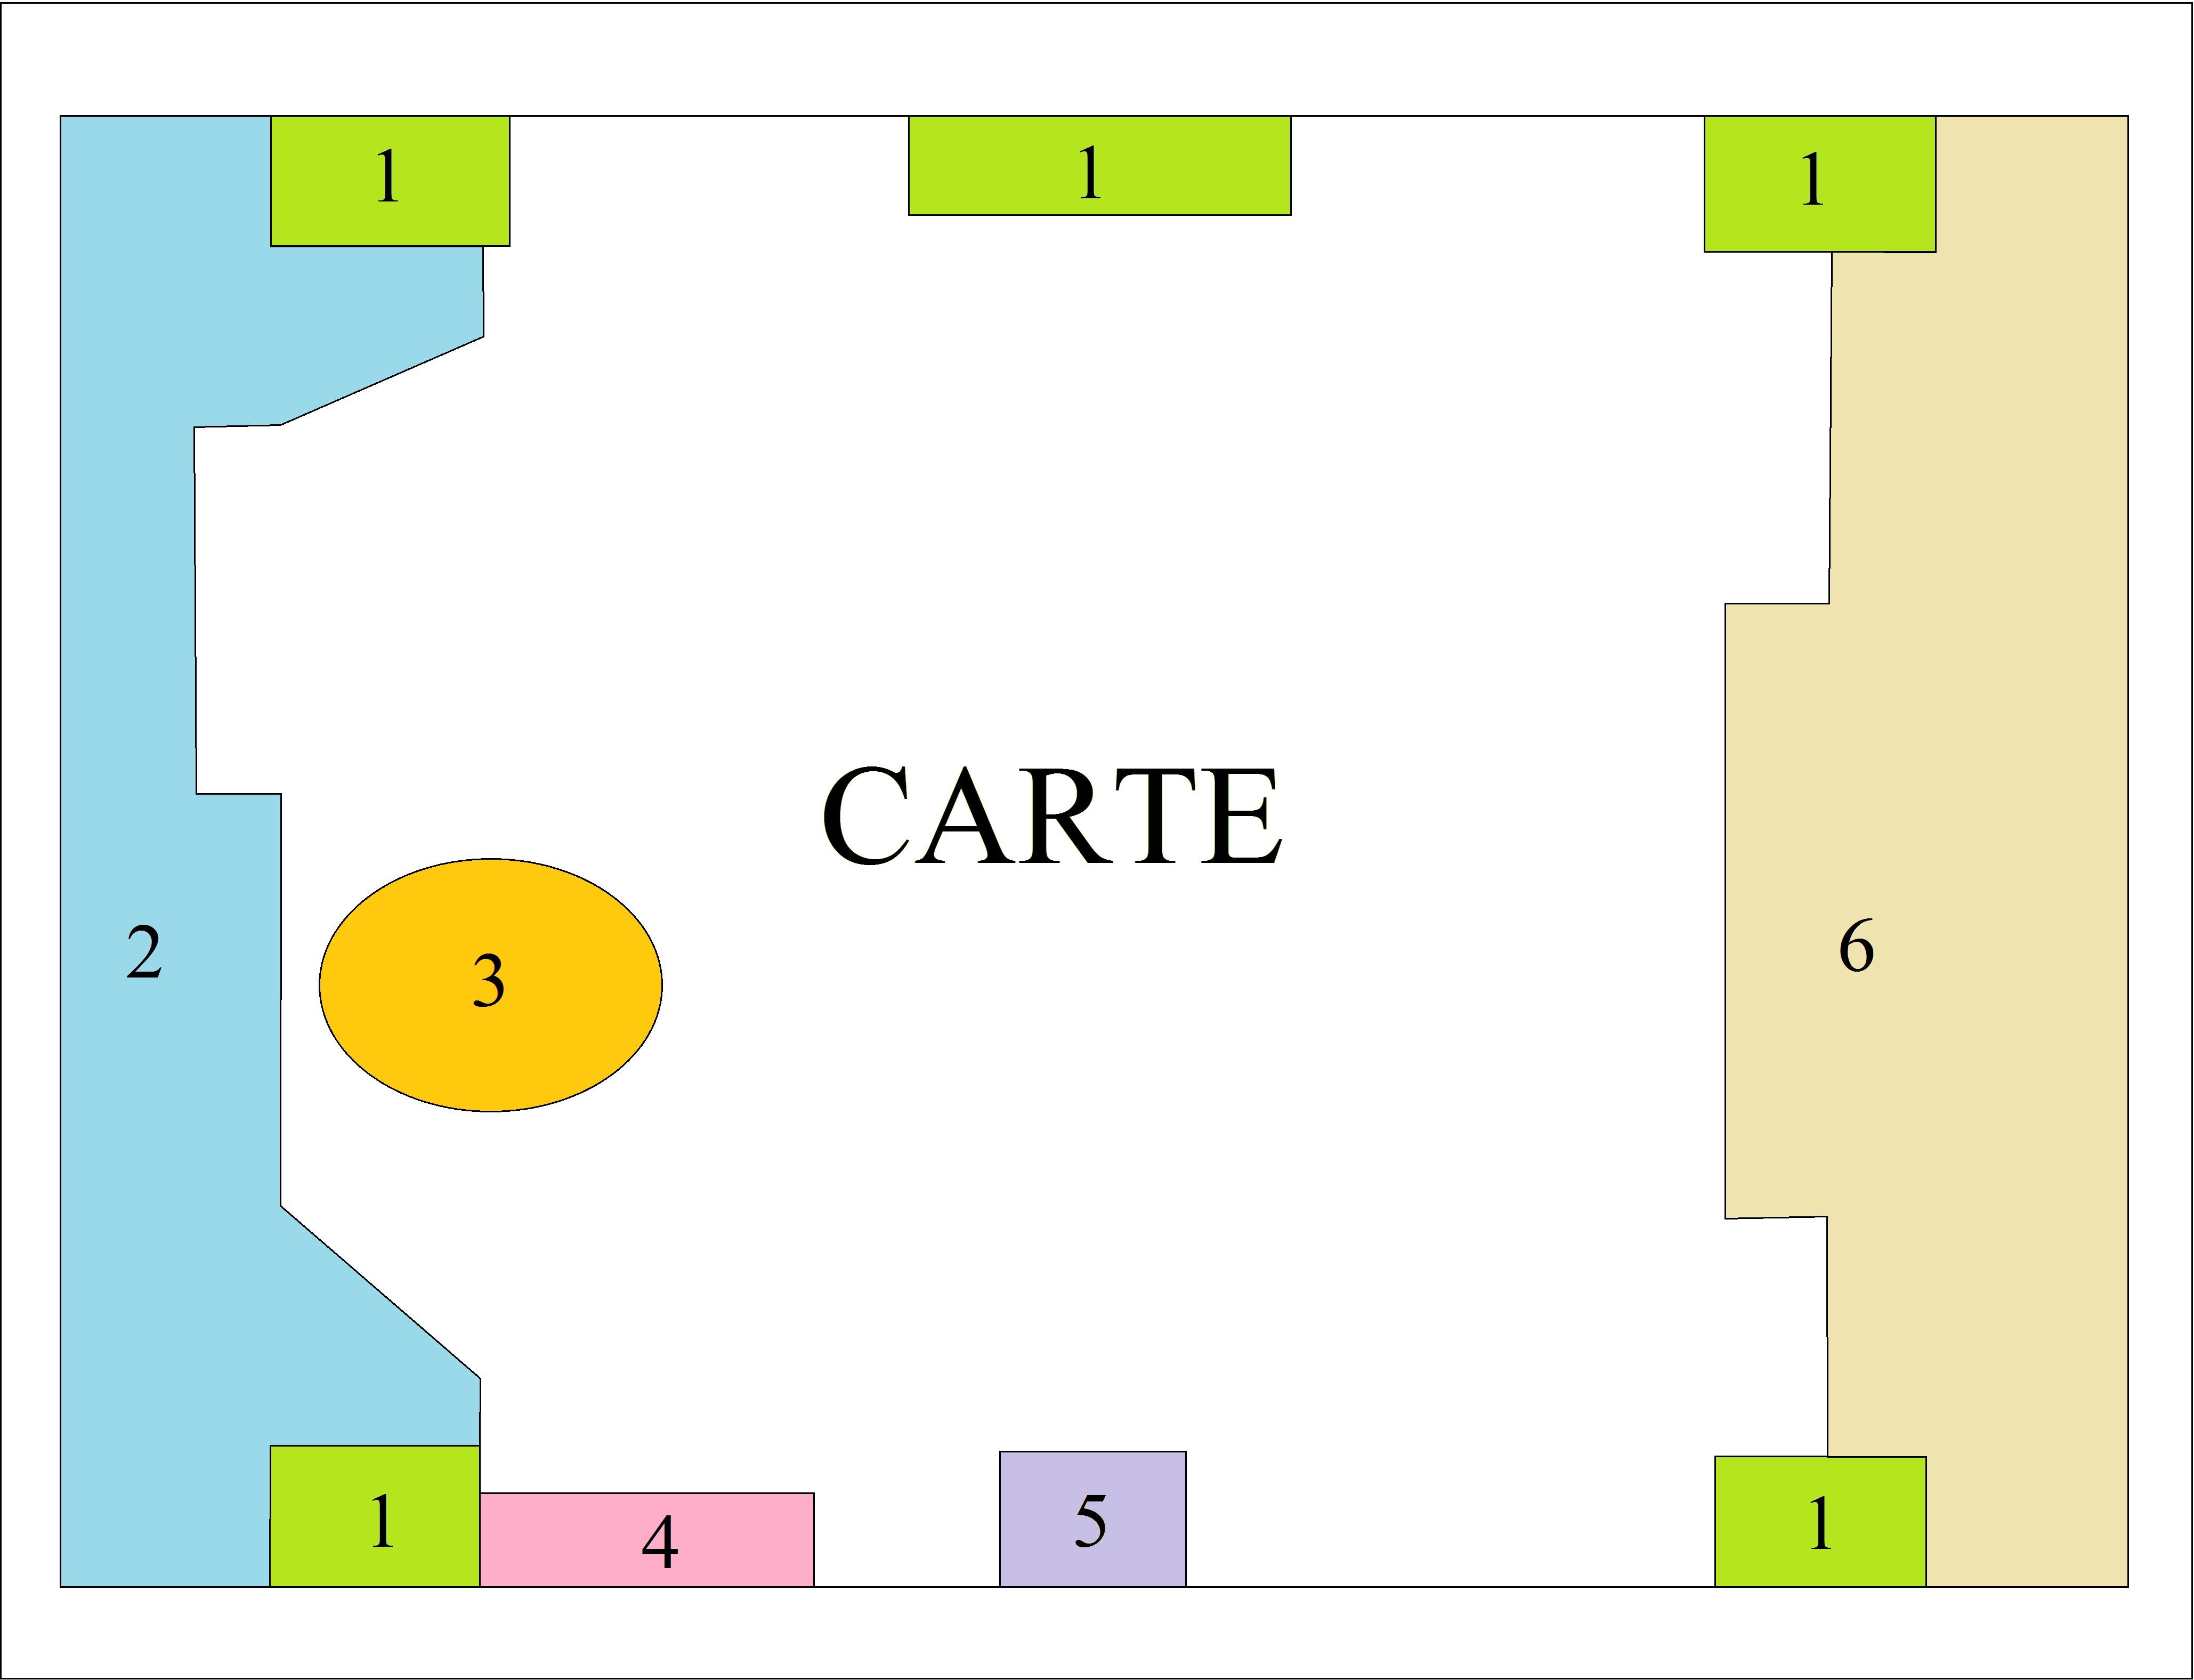 Crédits Nicolas Marqué. 1- Représentations d'édifices importants 2- Carte des voies de chemin de fer du sud-ouest de la France 3- Carte de la région toulousaine 4- Echelles 5- Description de l'auteur